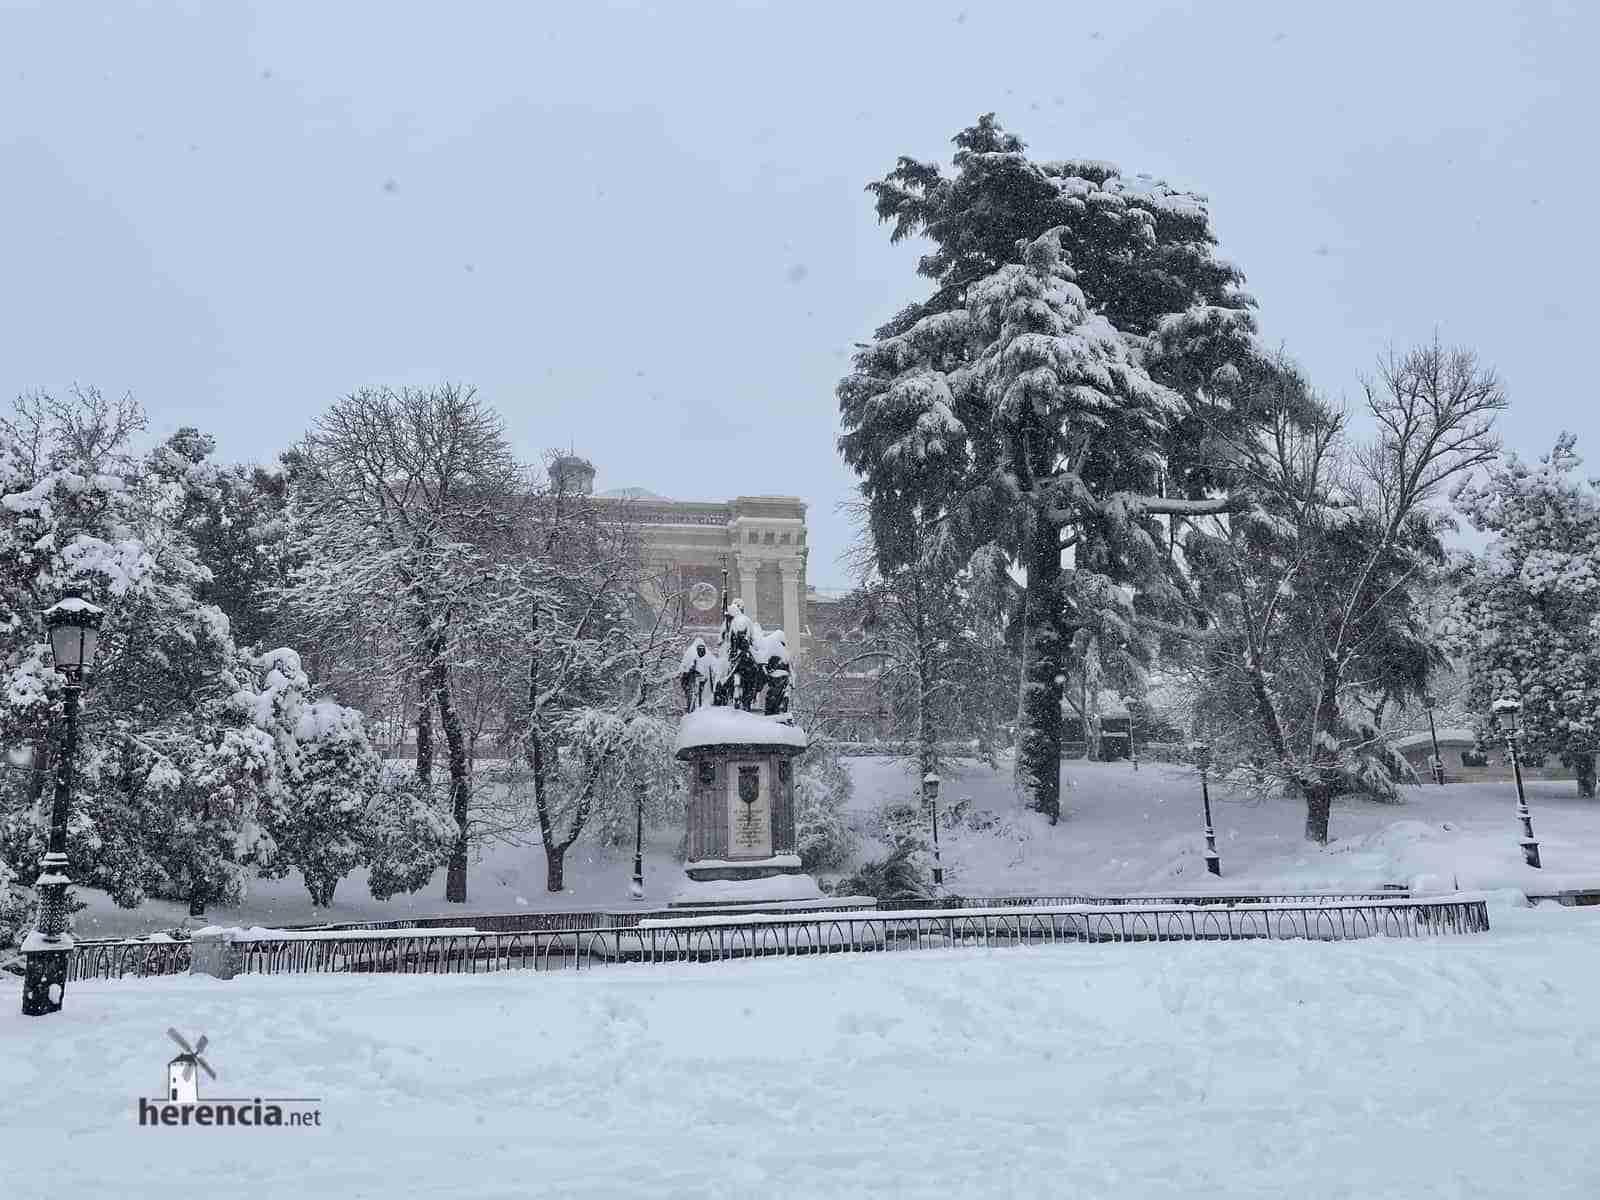 Fotografías de la nevada de enero en Madrid (España) 139